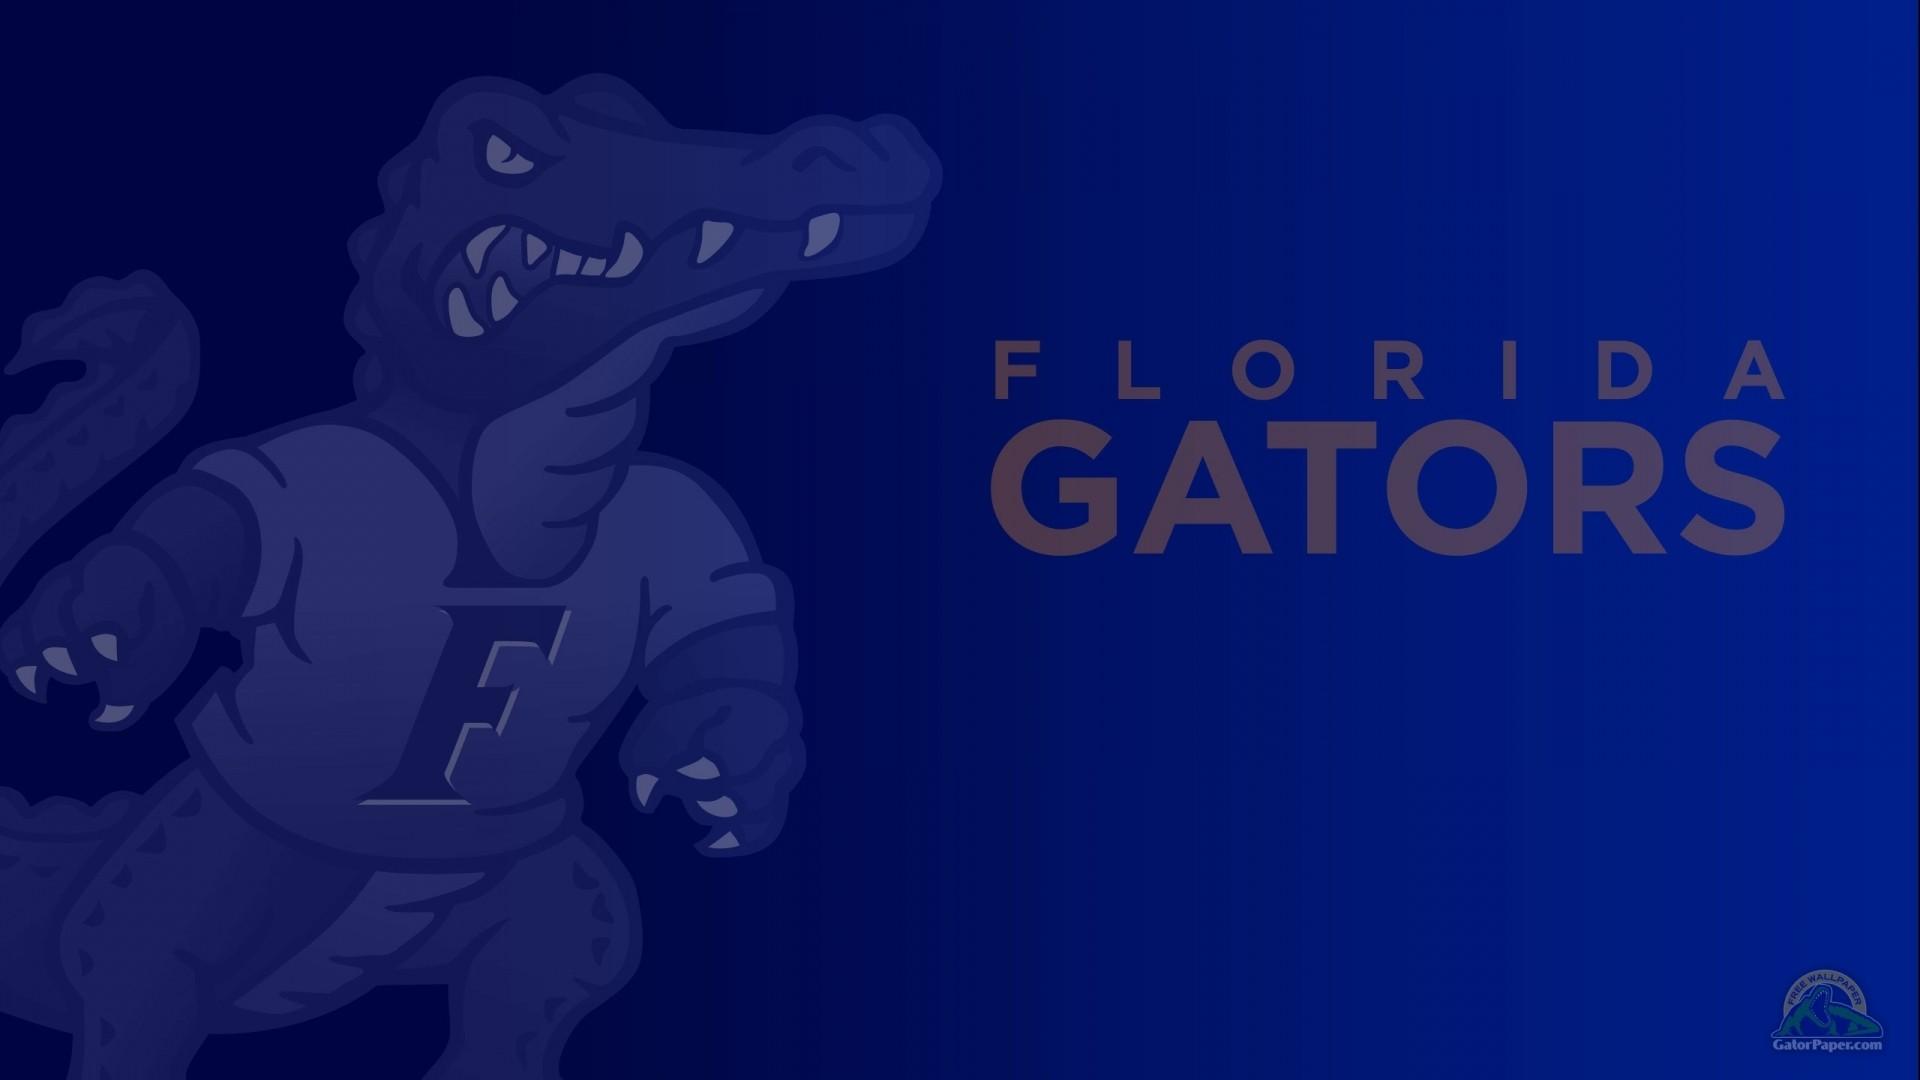 Florida Gators PC Wallpaper HD